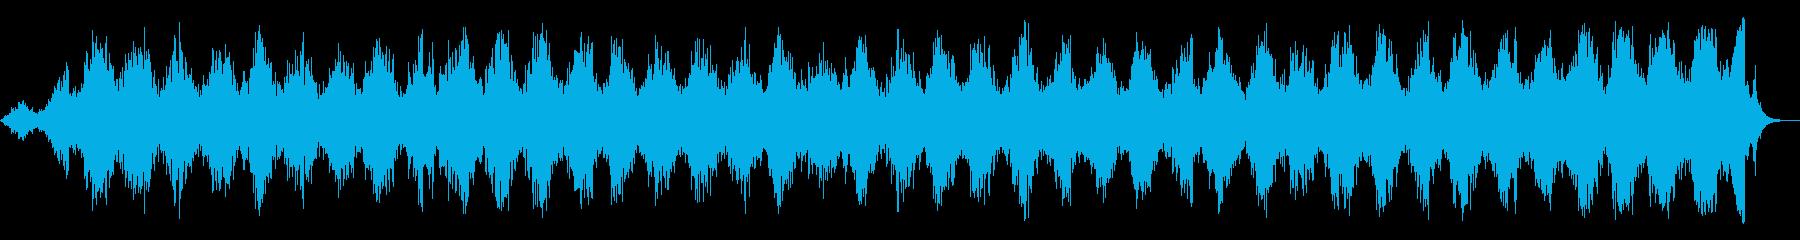 旋回ラジオスイーパーの再生済みの波形